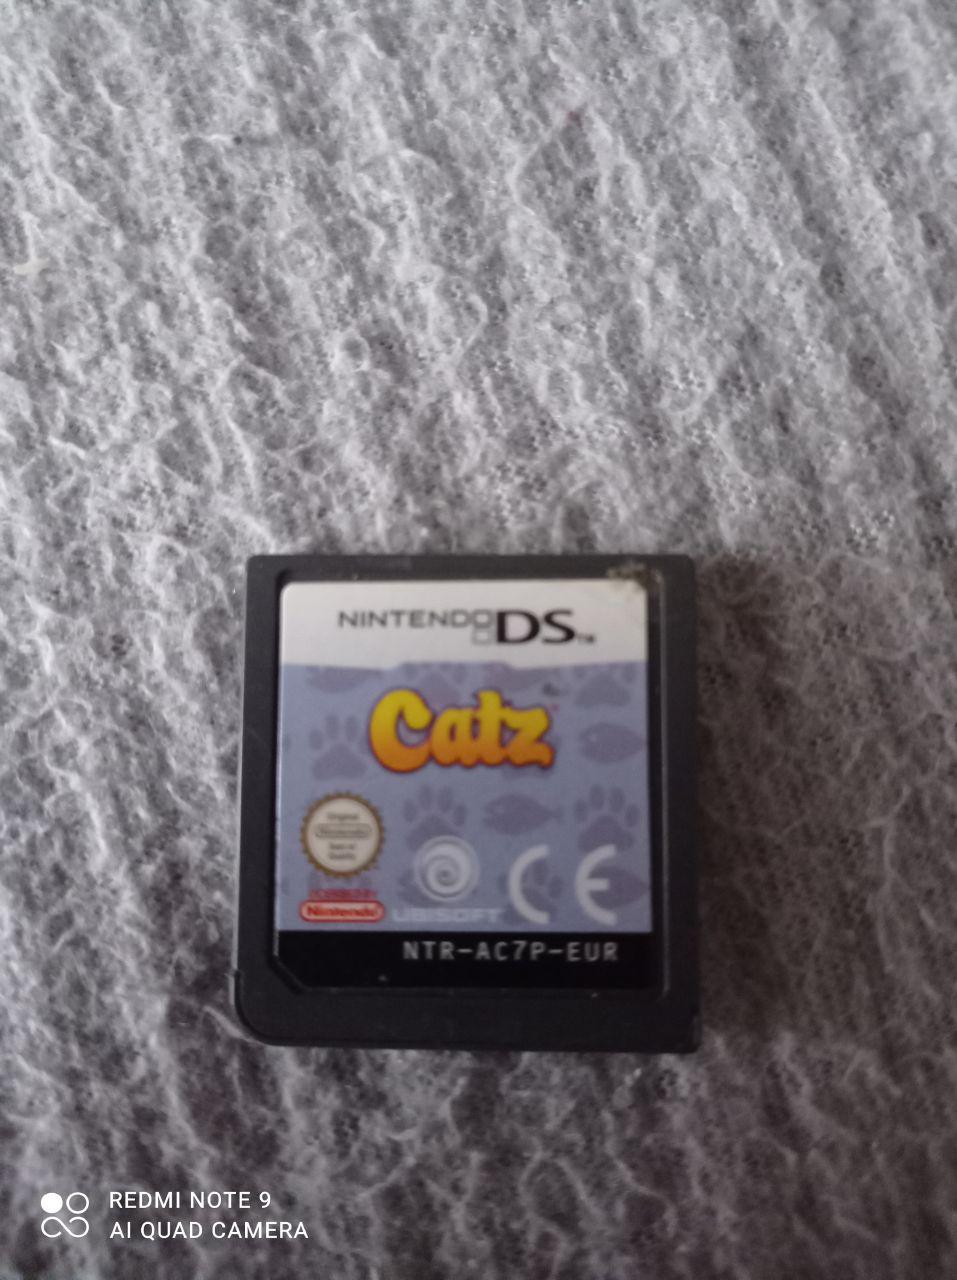 Image article Nintendo - DS - Catz